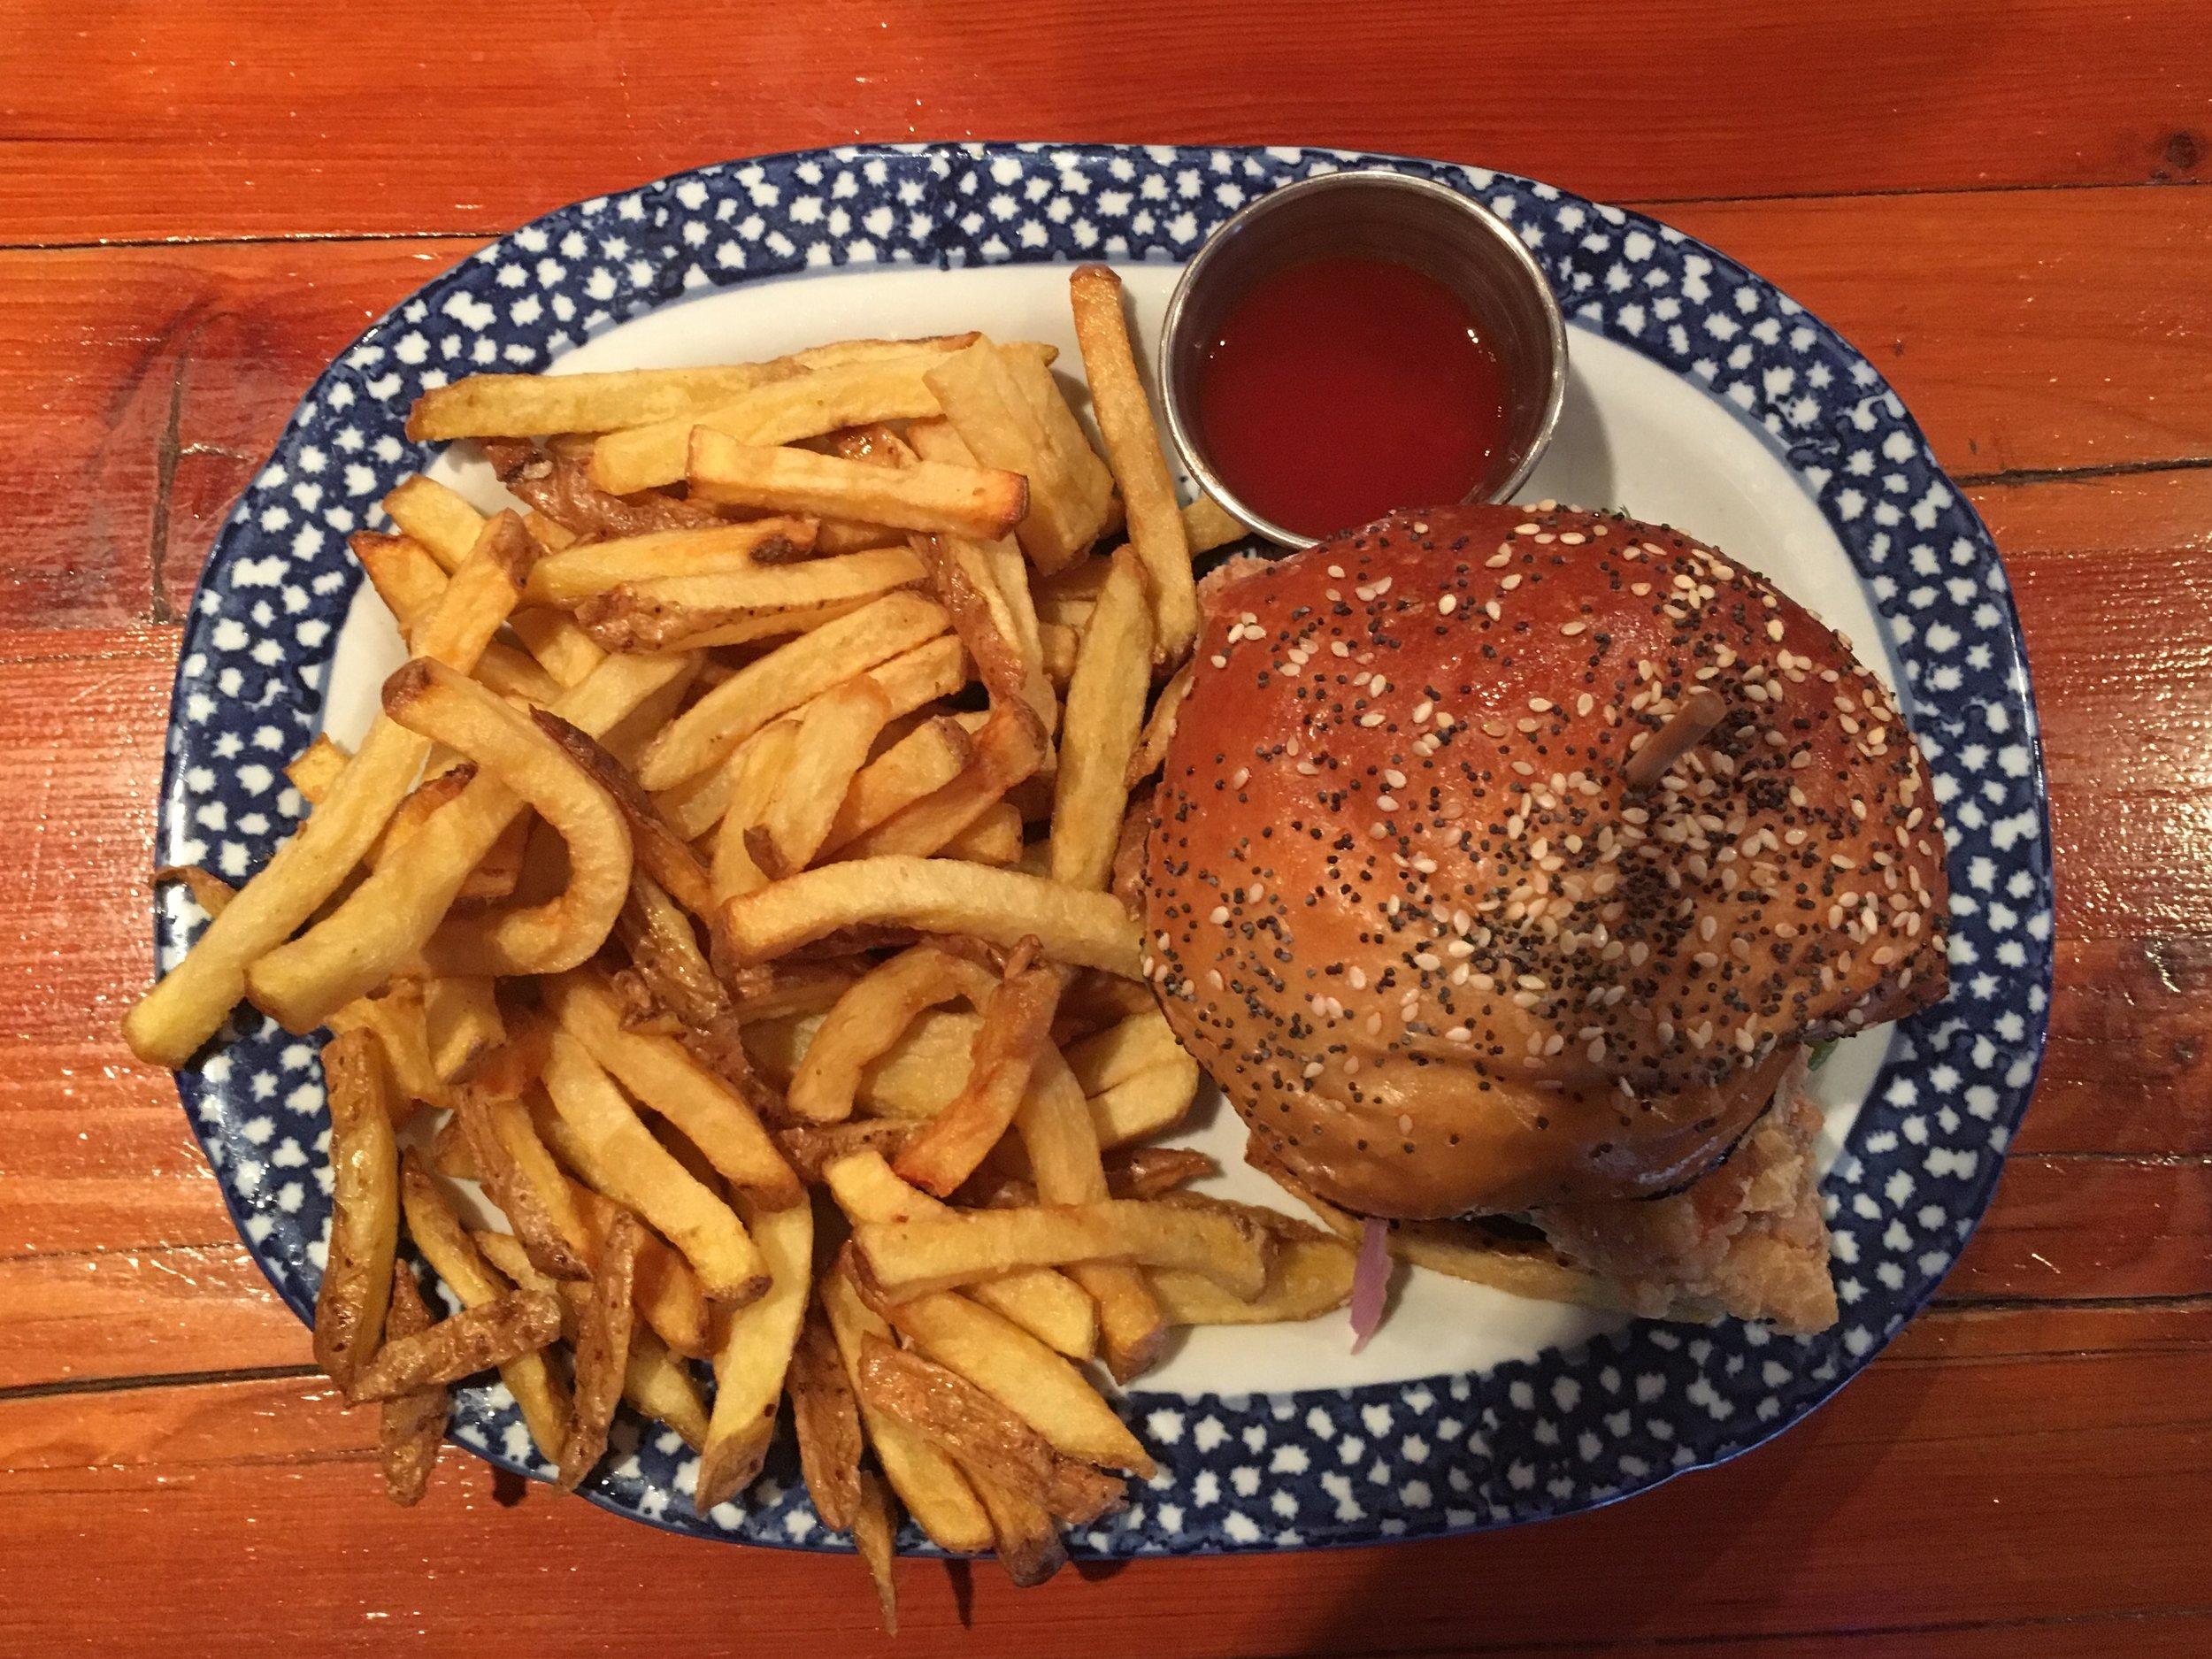 Jian's pick: Chicken Tender Sandwich